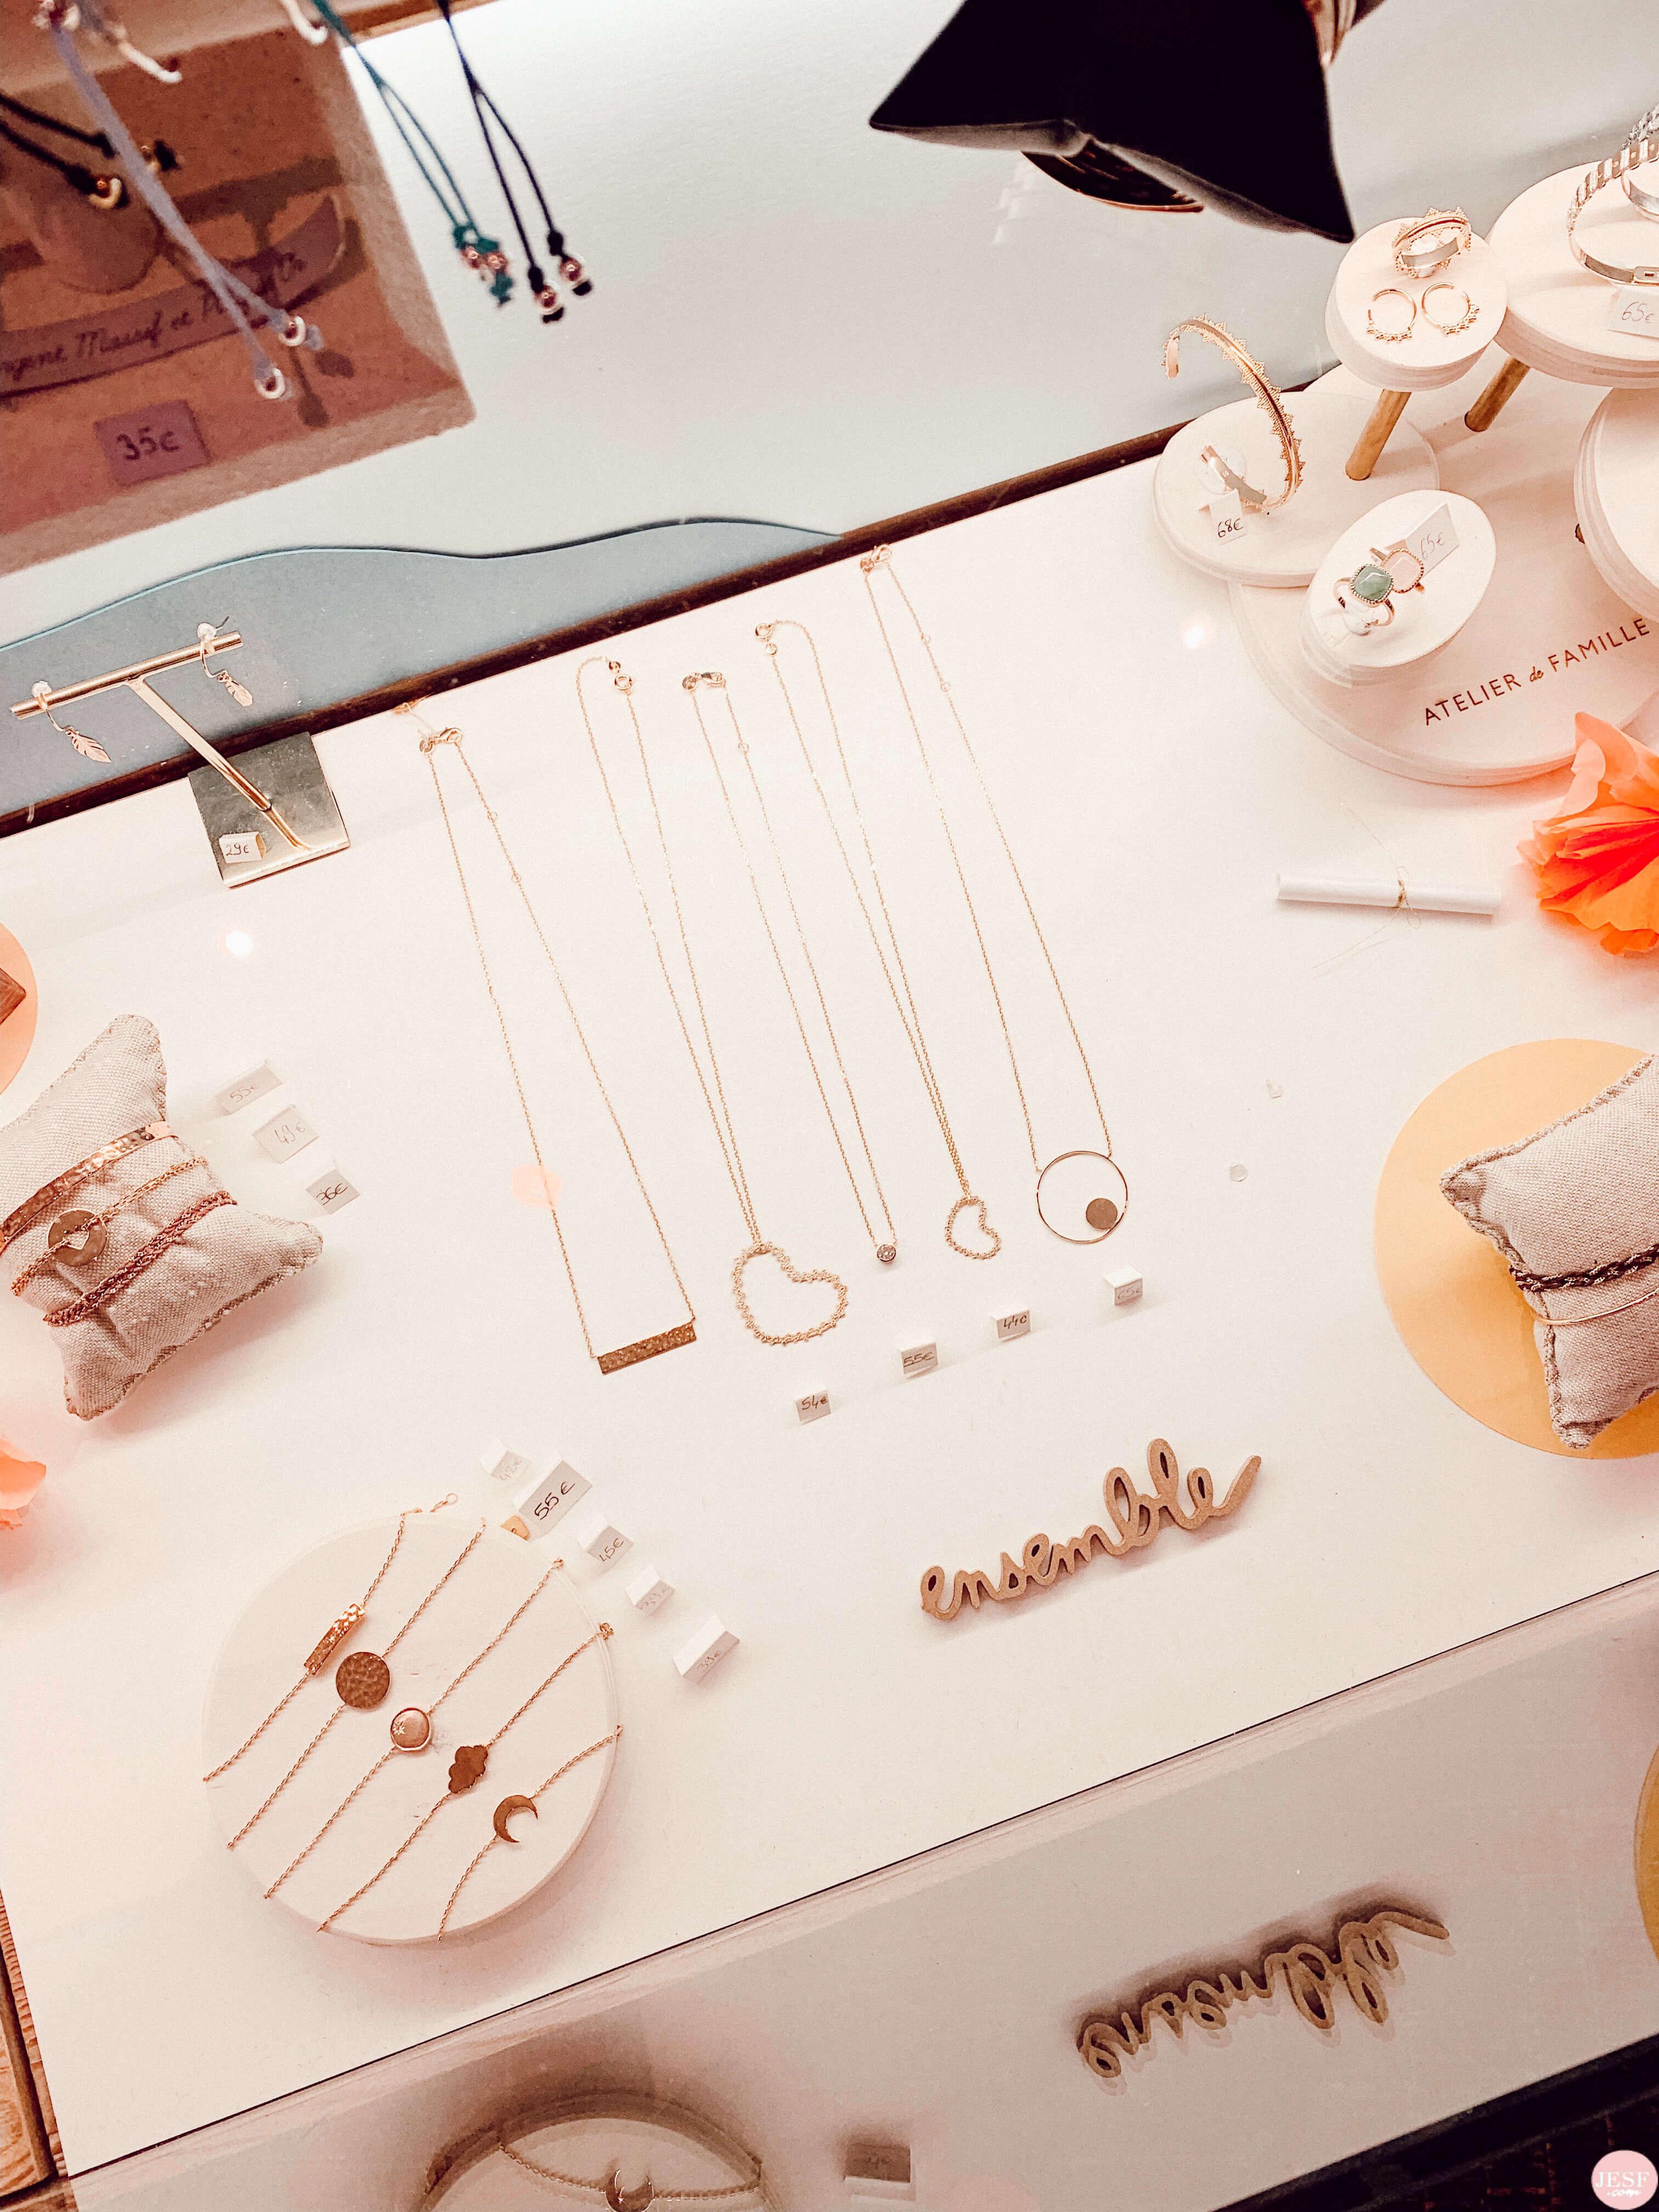 parly-2-sélection-fête-des-mères-magasins-boutique-enseigne-mode-beauté-déco-atelier-de-famille-bijoux